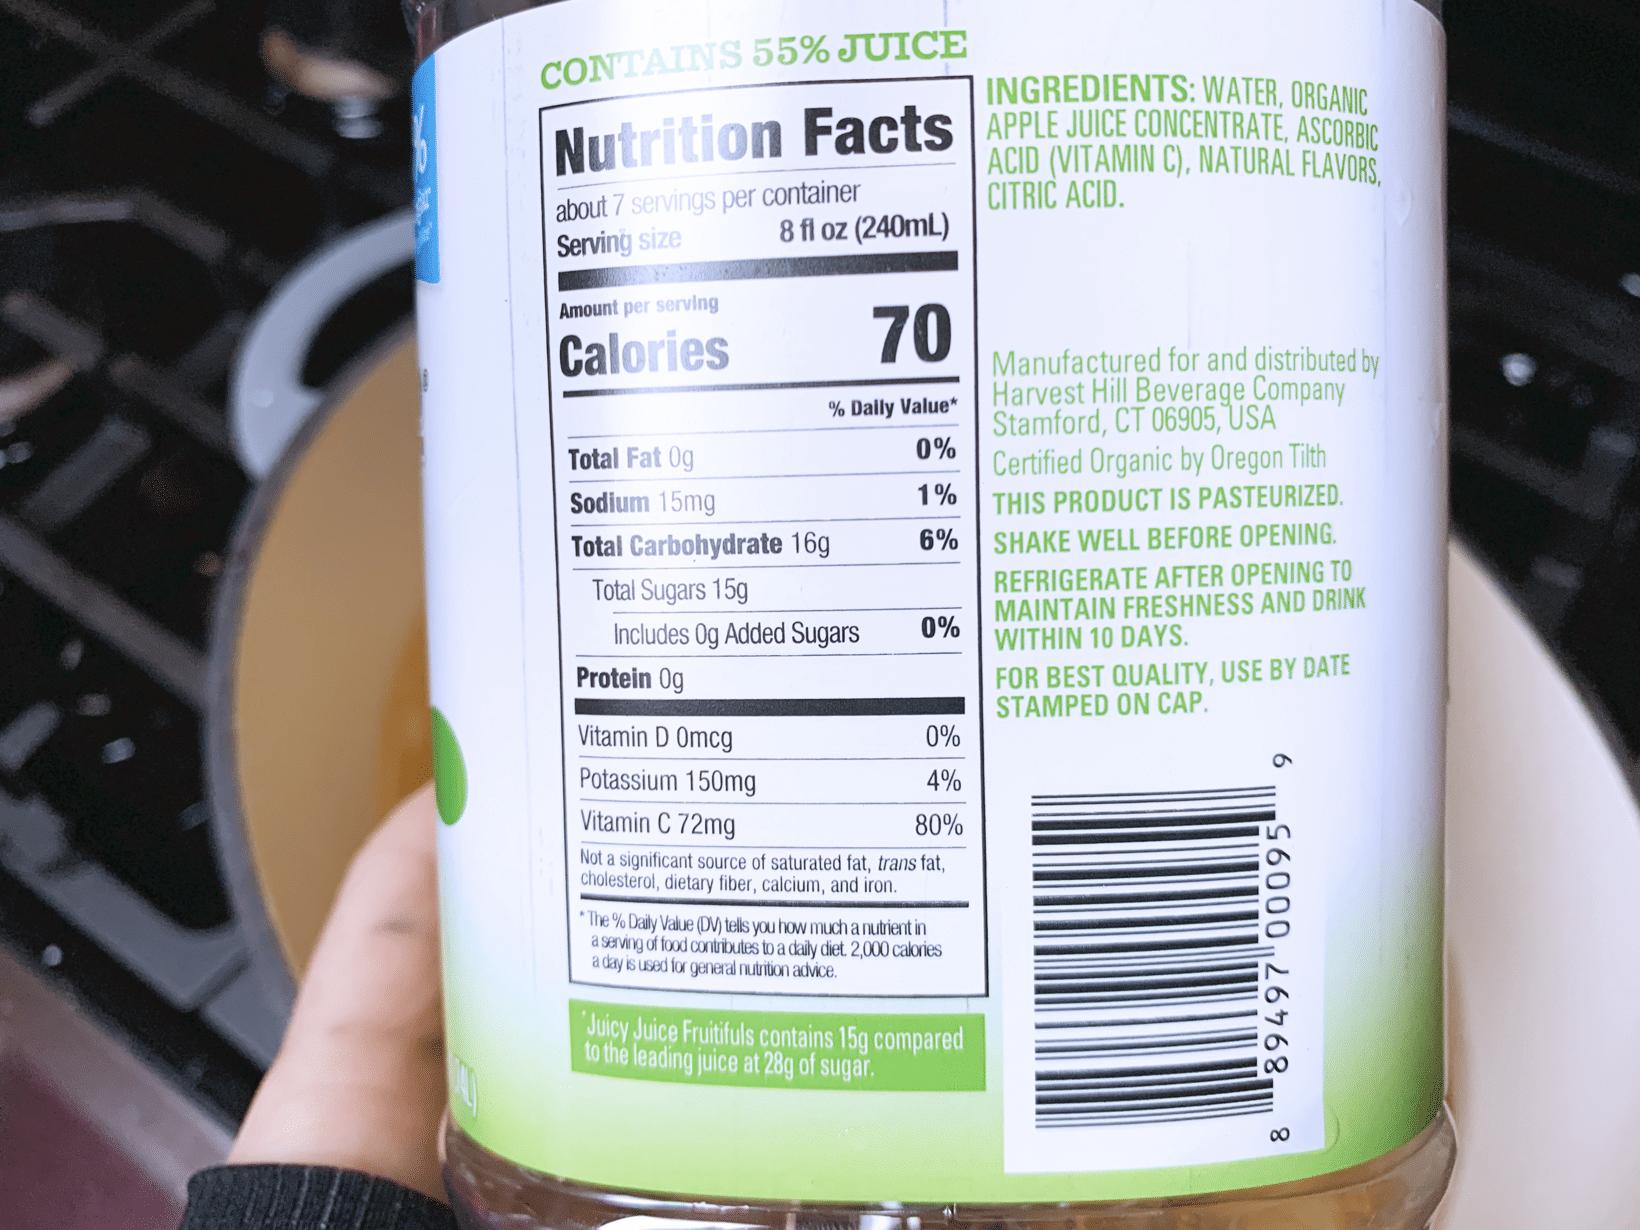 Apple cider apple juice reduced sugar